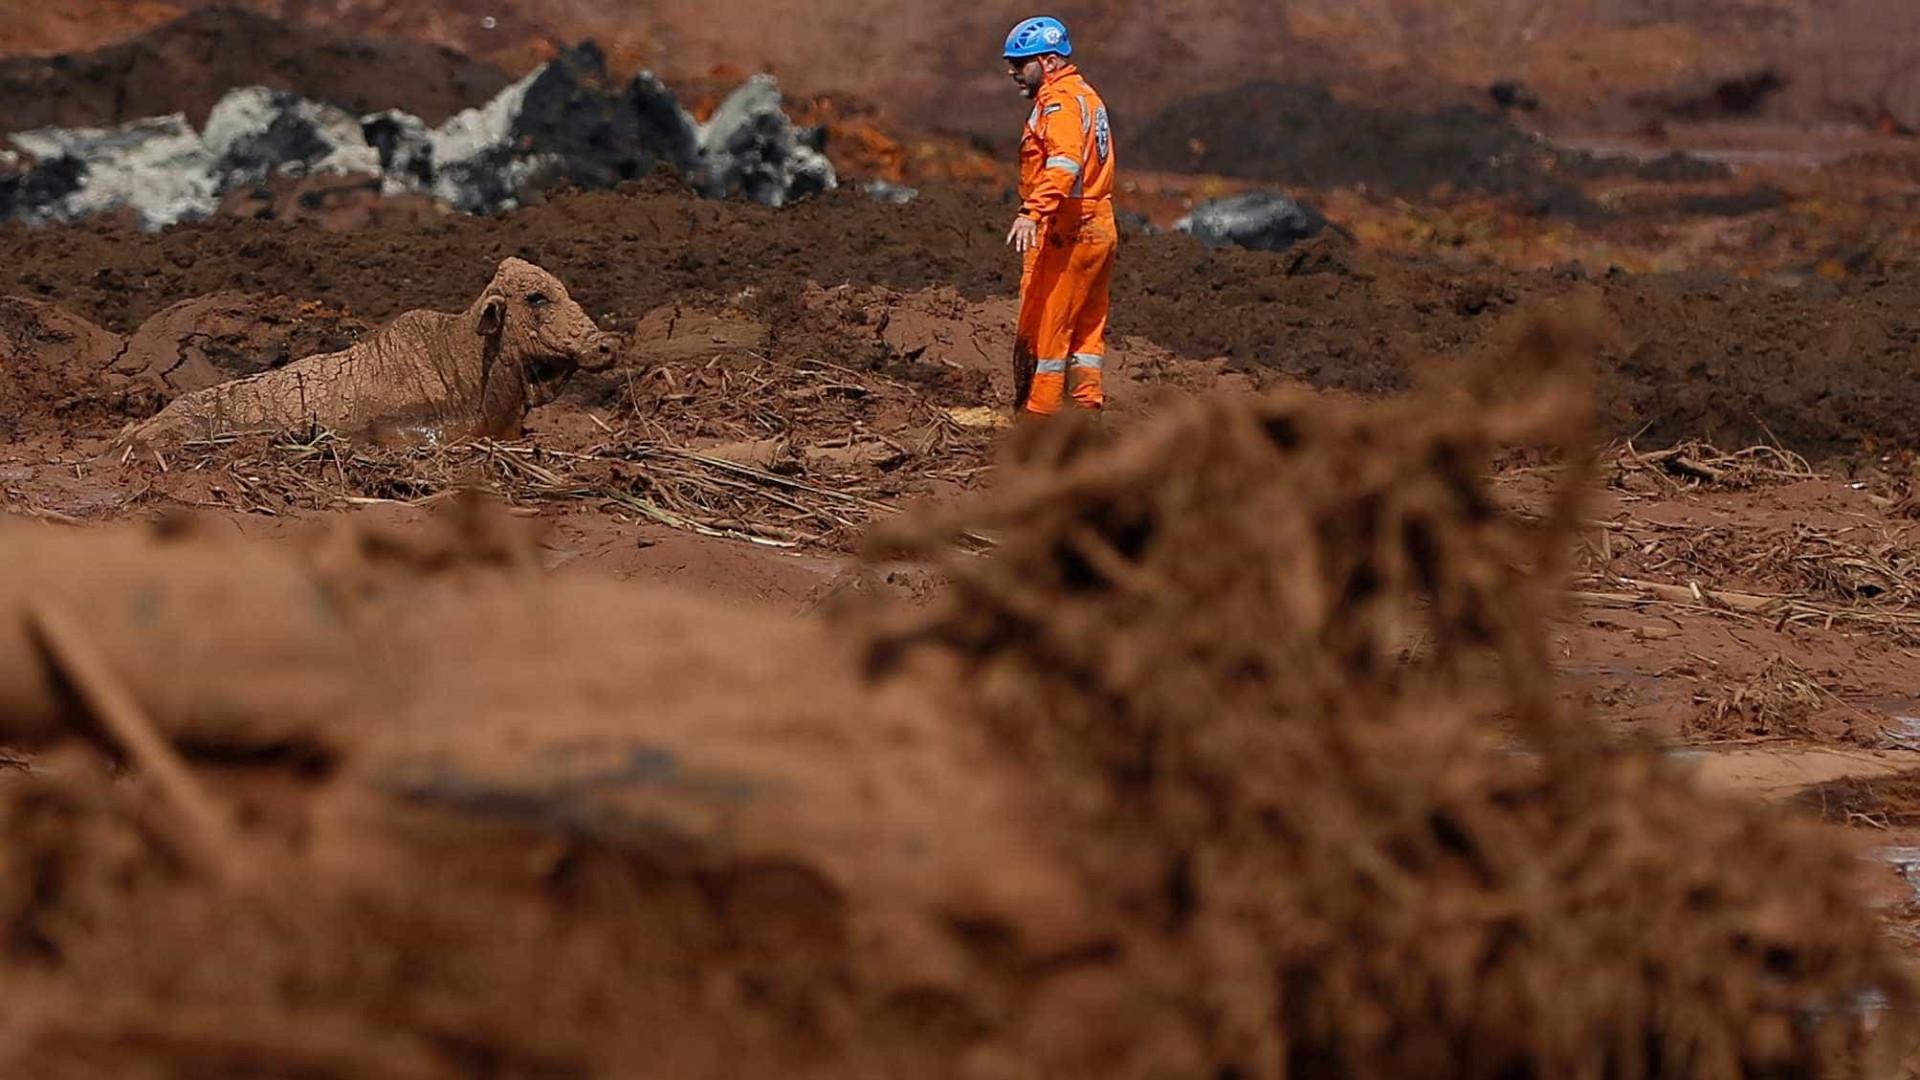 Com tiros, agentes executam animais na lama de Brumadinho